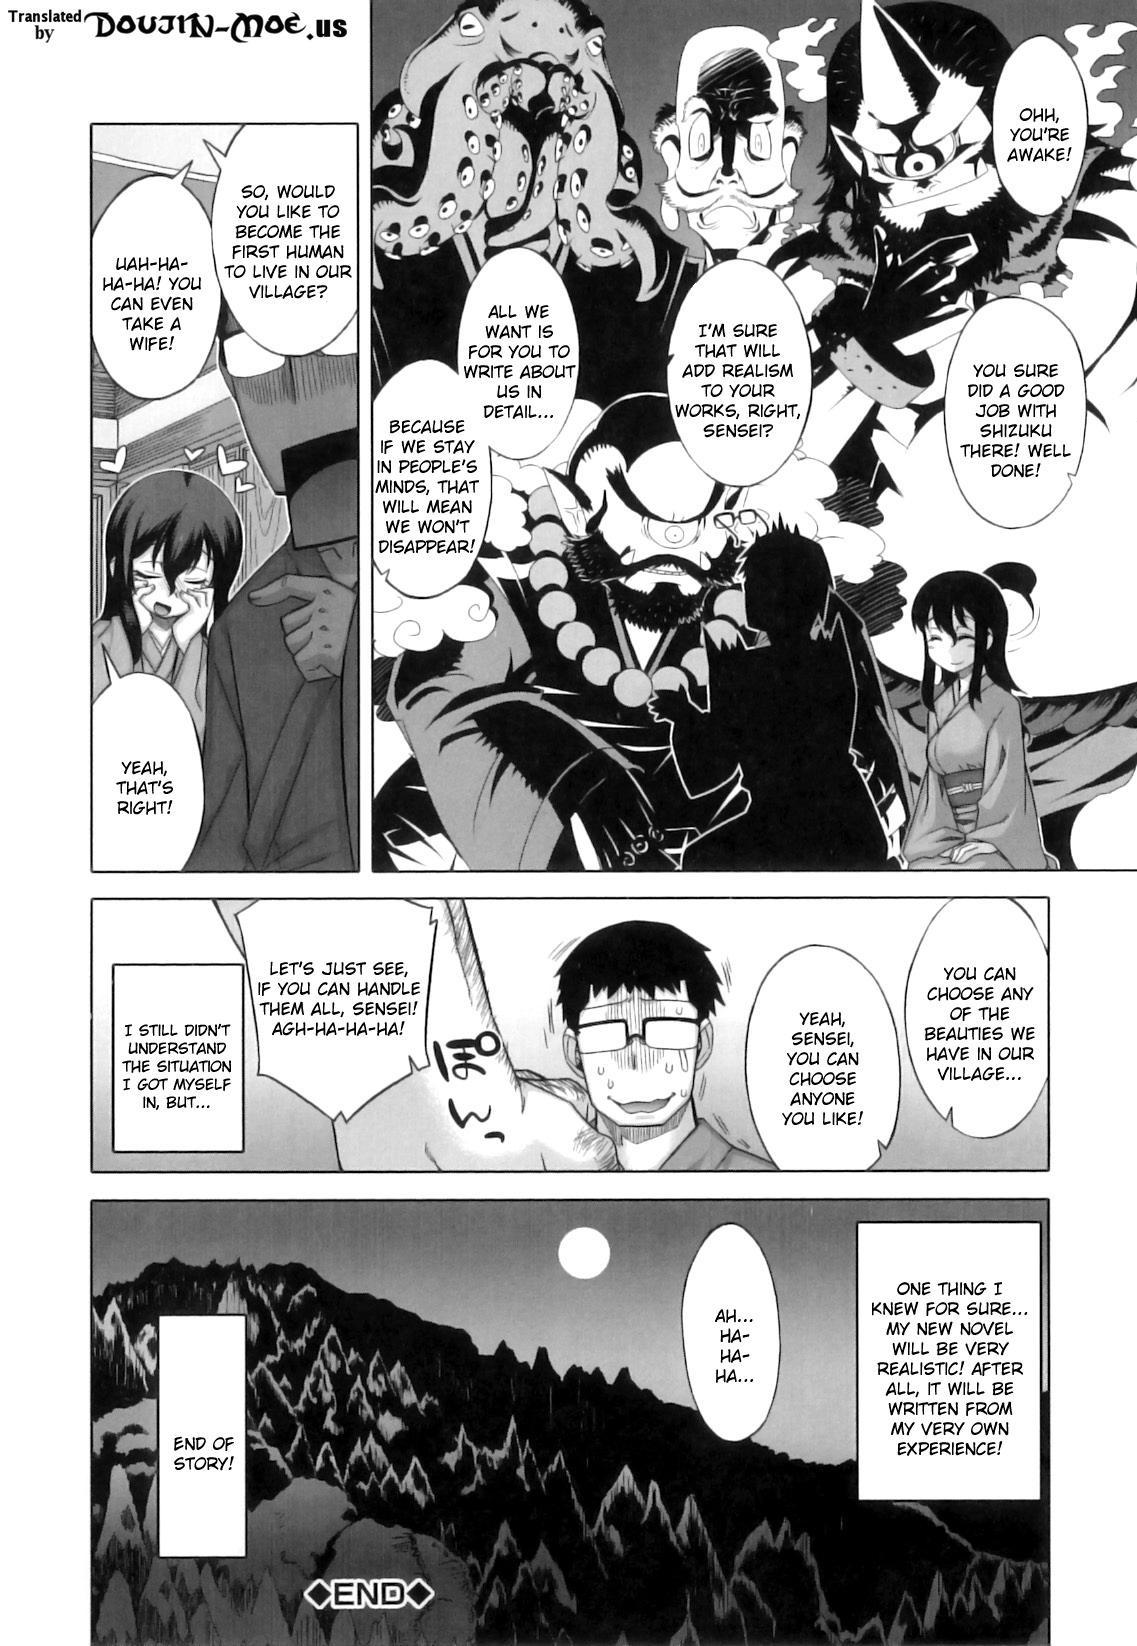 [Takatsu] DH! ~Himorogi Hyaku Yome Gatari~ | Demon-Hentai! - Shrine of One Hundred Wives [English] {doujin-moe.us} 35